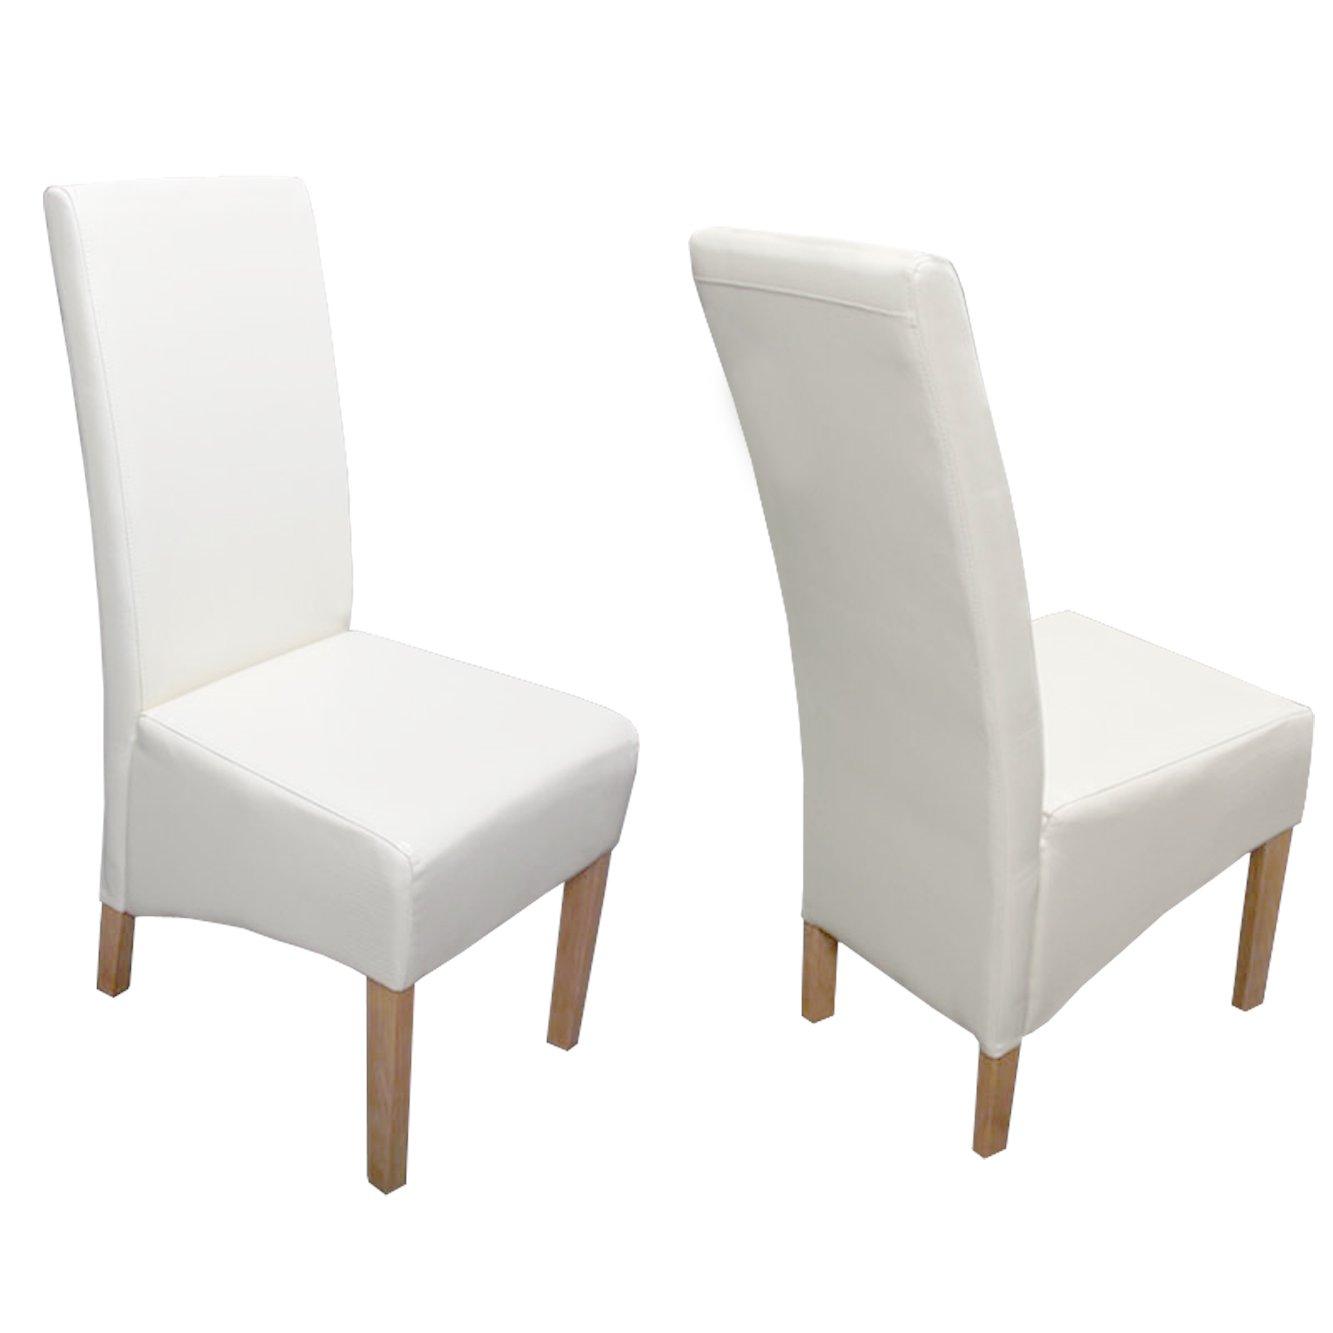 Lote 6 sillas de comedor siena ii en piel beige - Sillas comedor piel ...